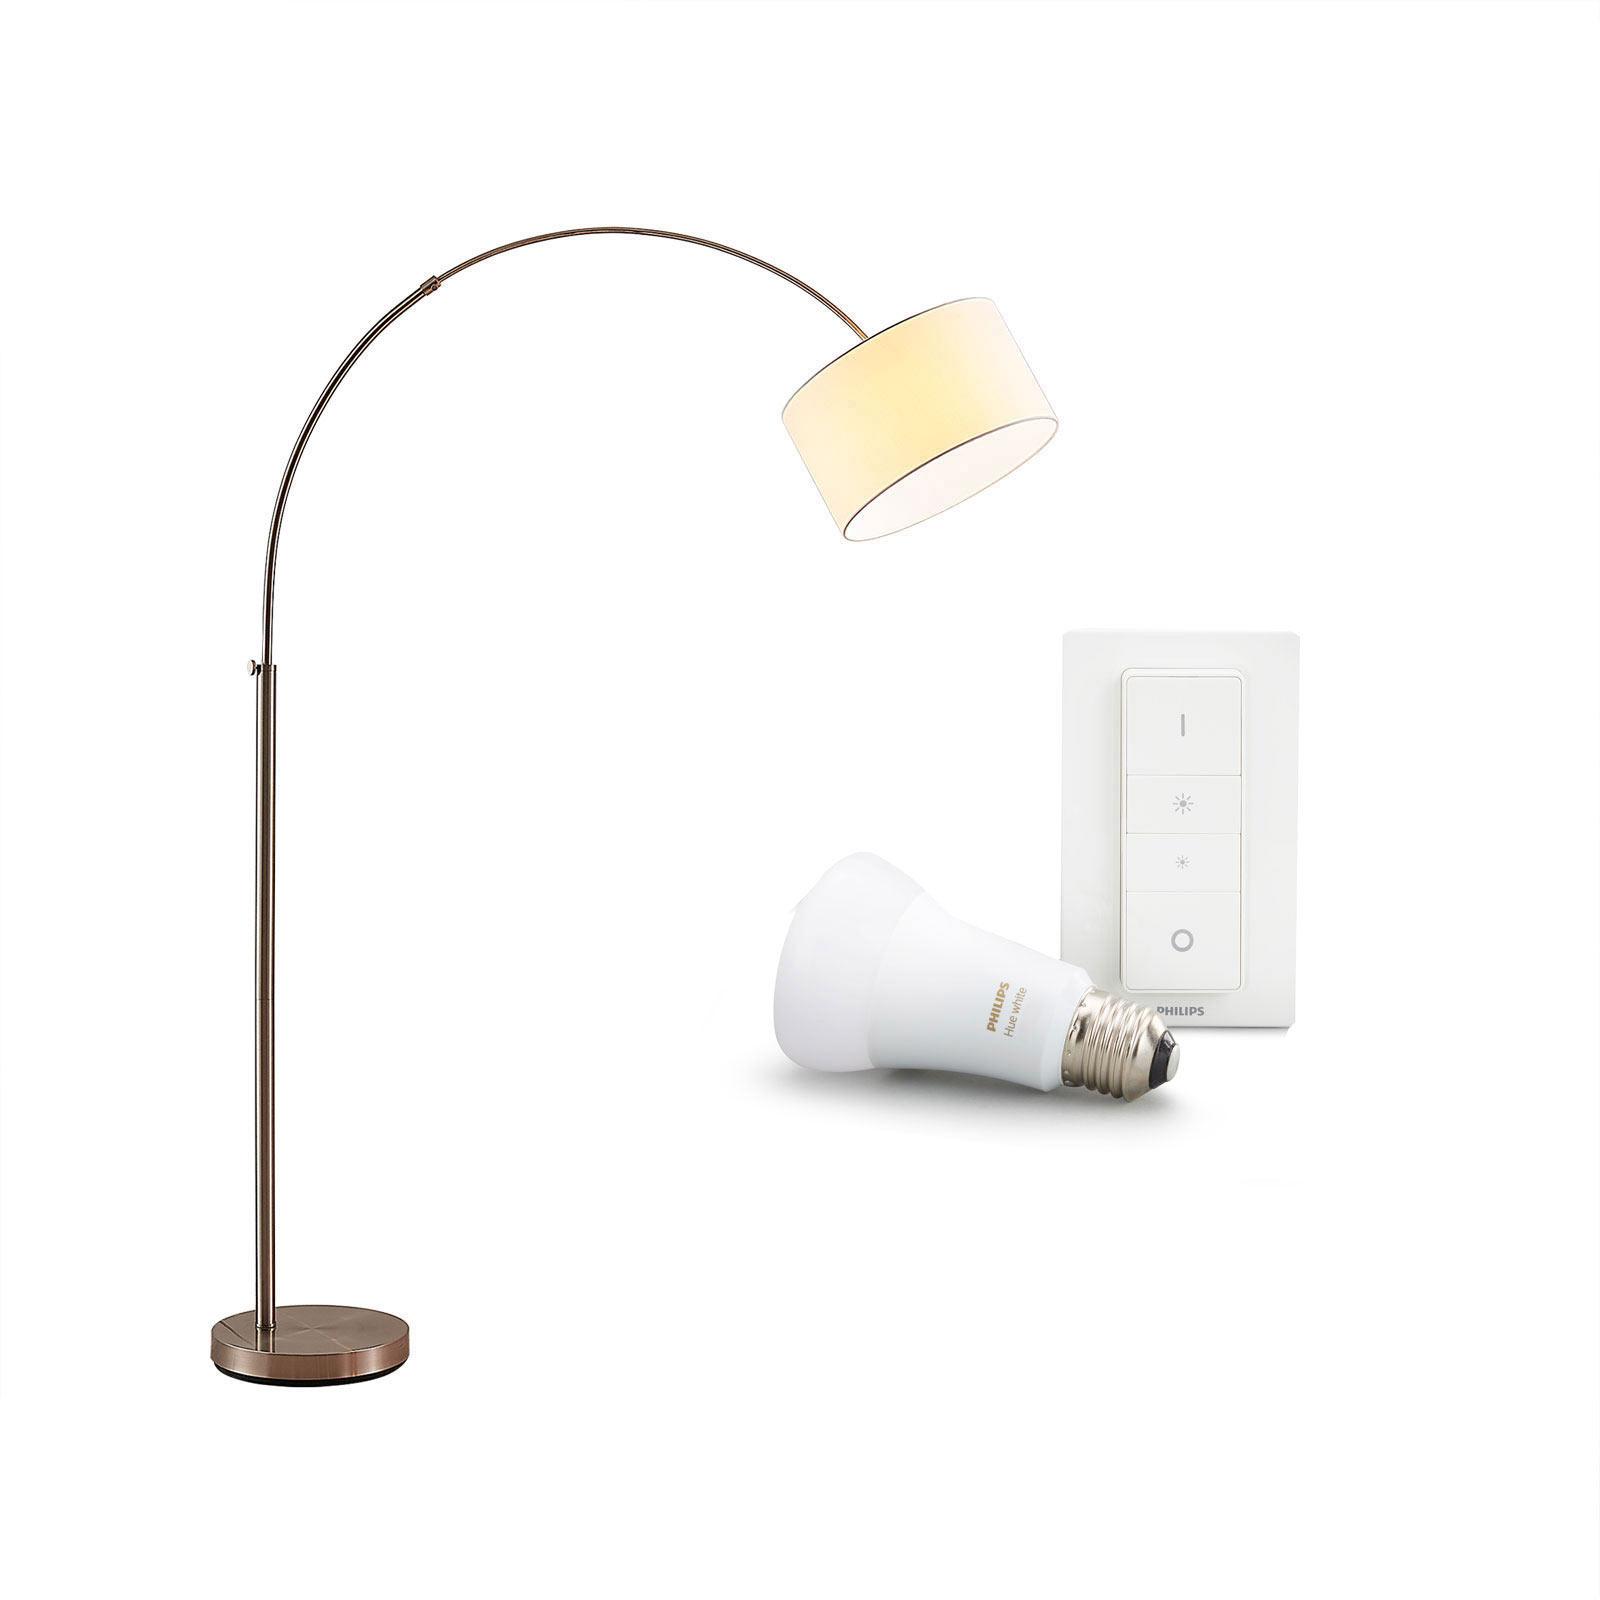 Stehlampe Railyn mit Philips Hue E27 und Dimmer